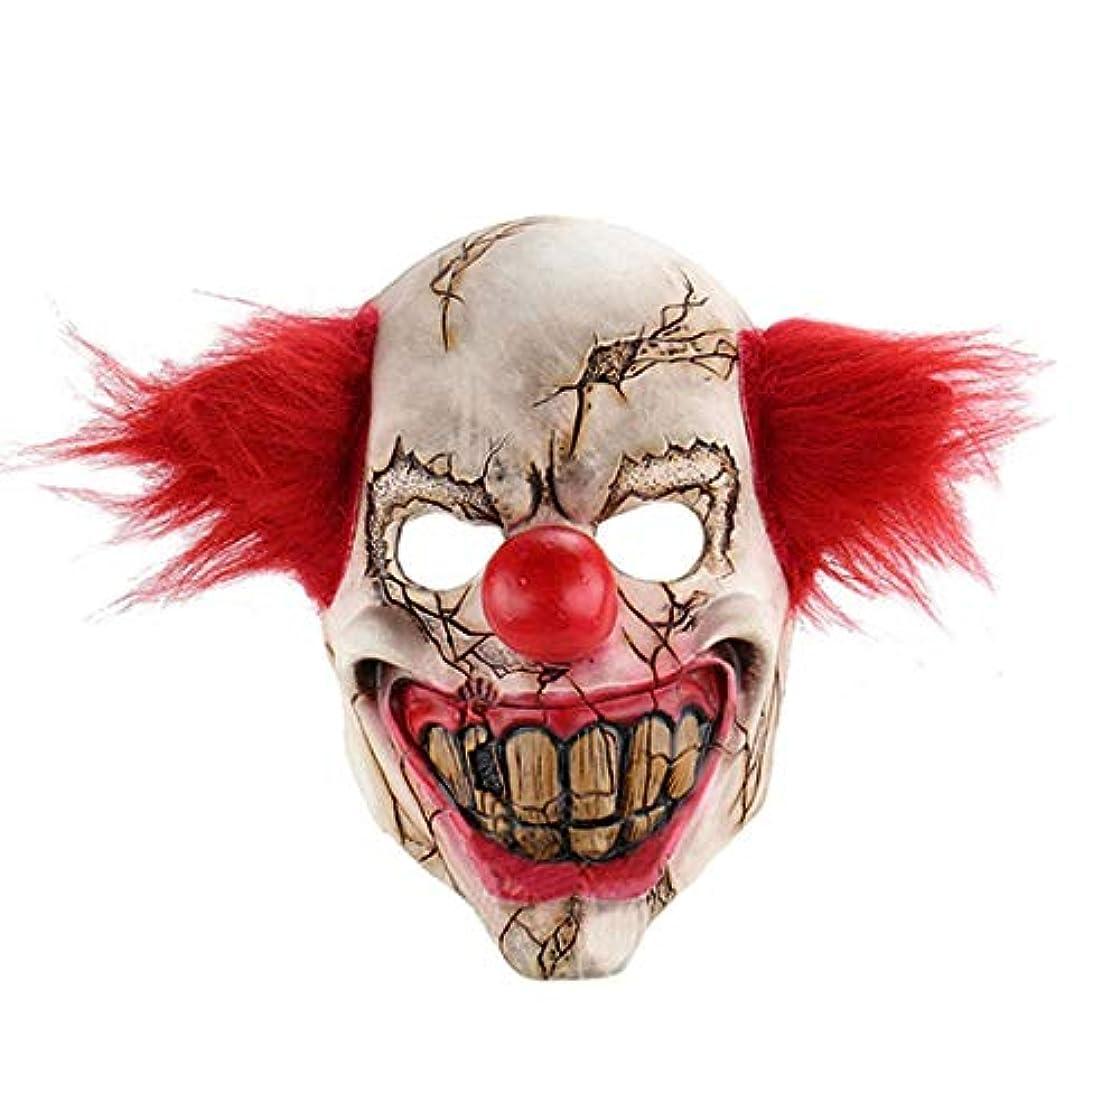 参加者ルール要求するホラーゴーストフェイスピエロハロウィンクリスマスファニーバーダンスパーティーの小道具奇妙なラテックス怖いマスク